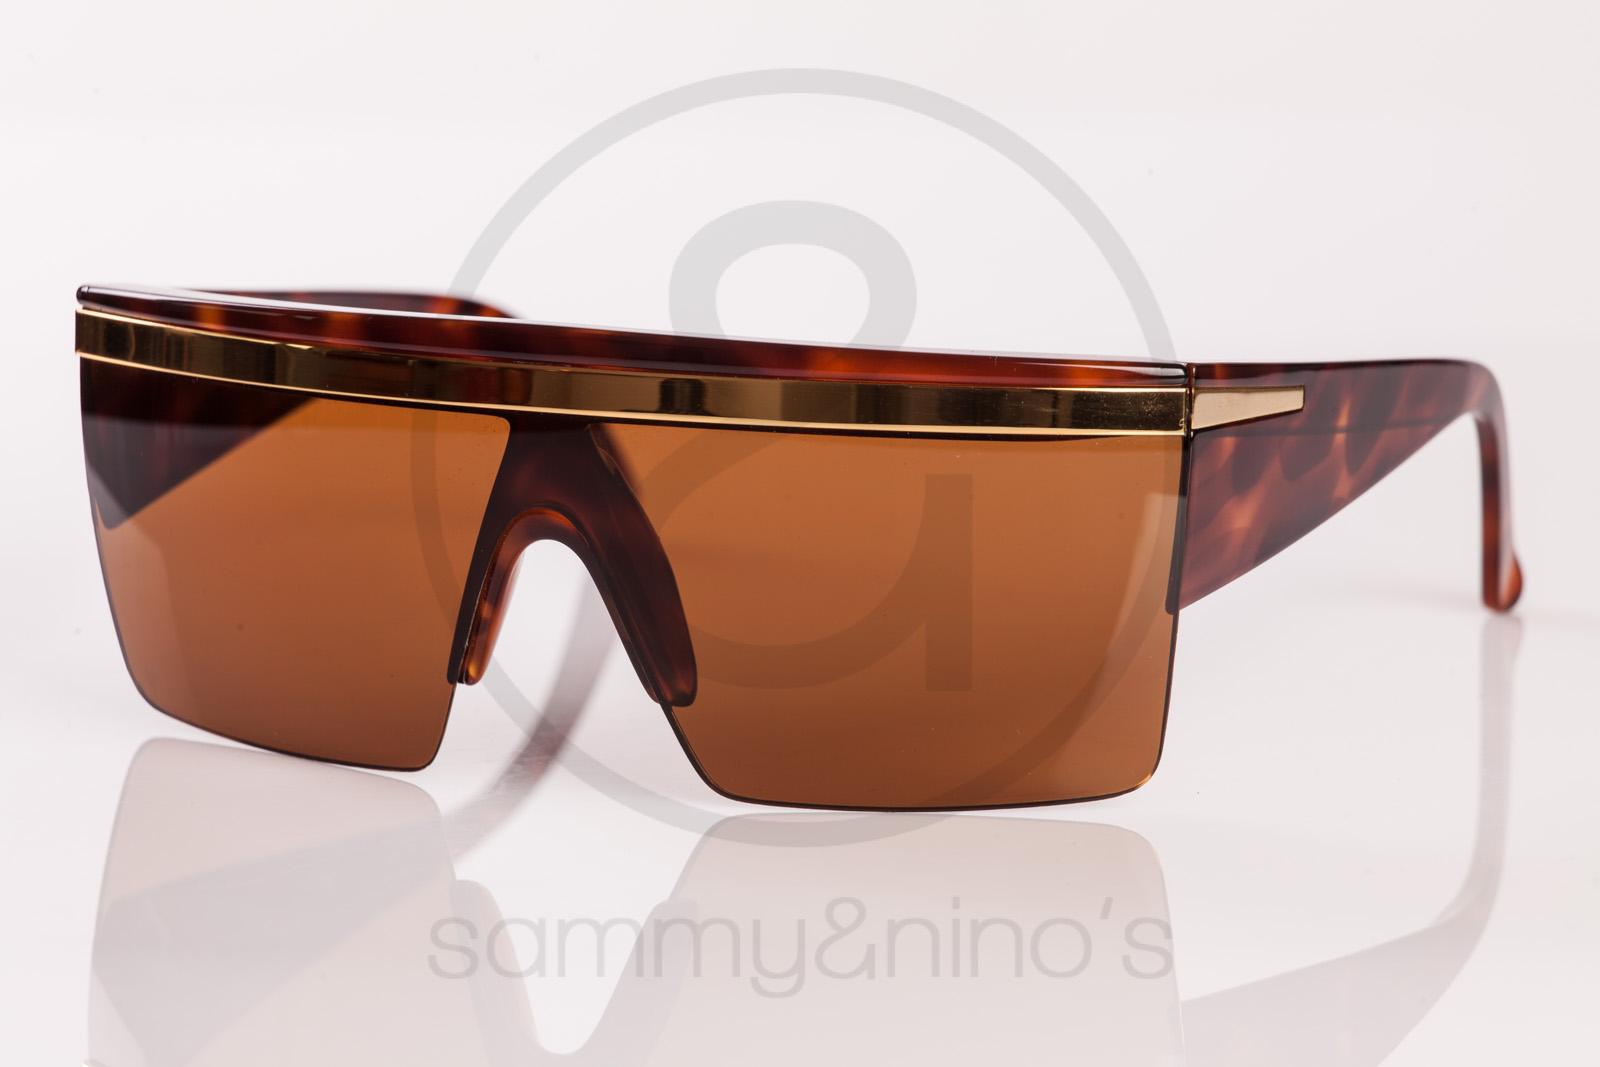 7b372cb302 Gianni Versace S76 900 BR – Sammy   Nino s Store